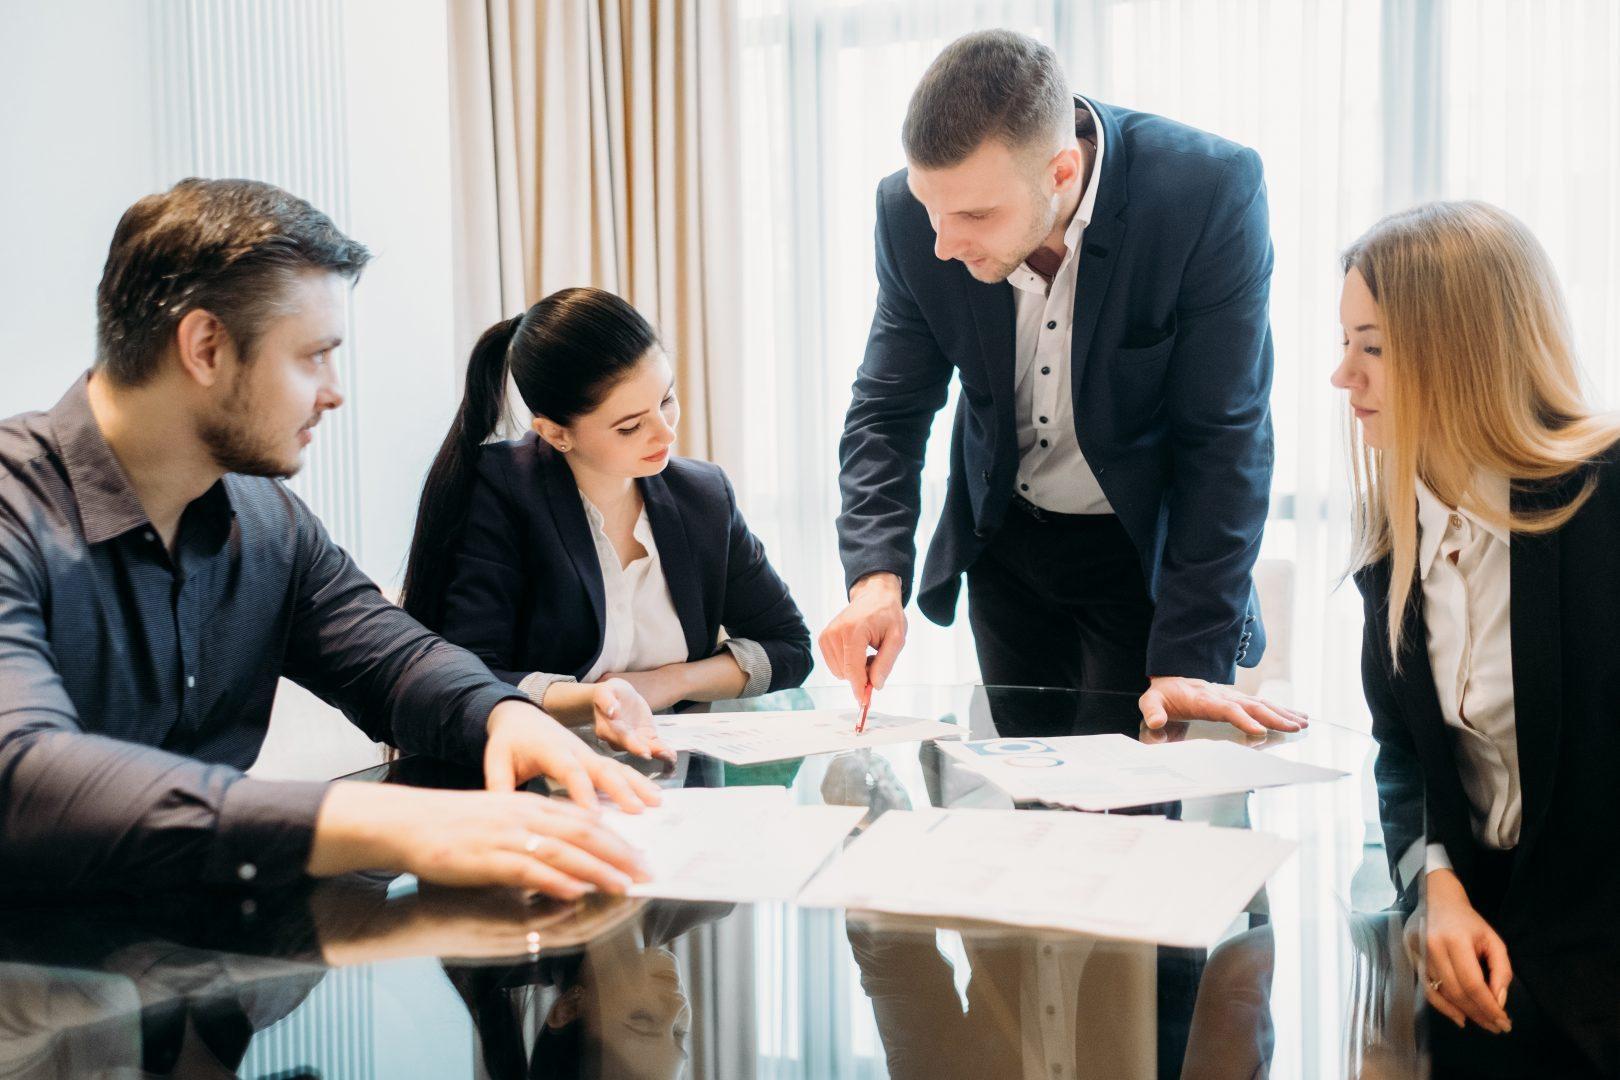 Wprowadzenie zarządu sukcesyjnego – zmiana przepisów na korzyść przedsiębiorców